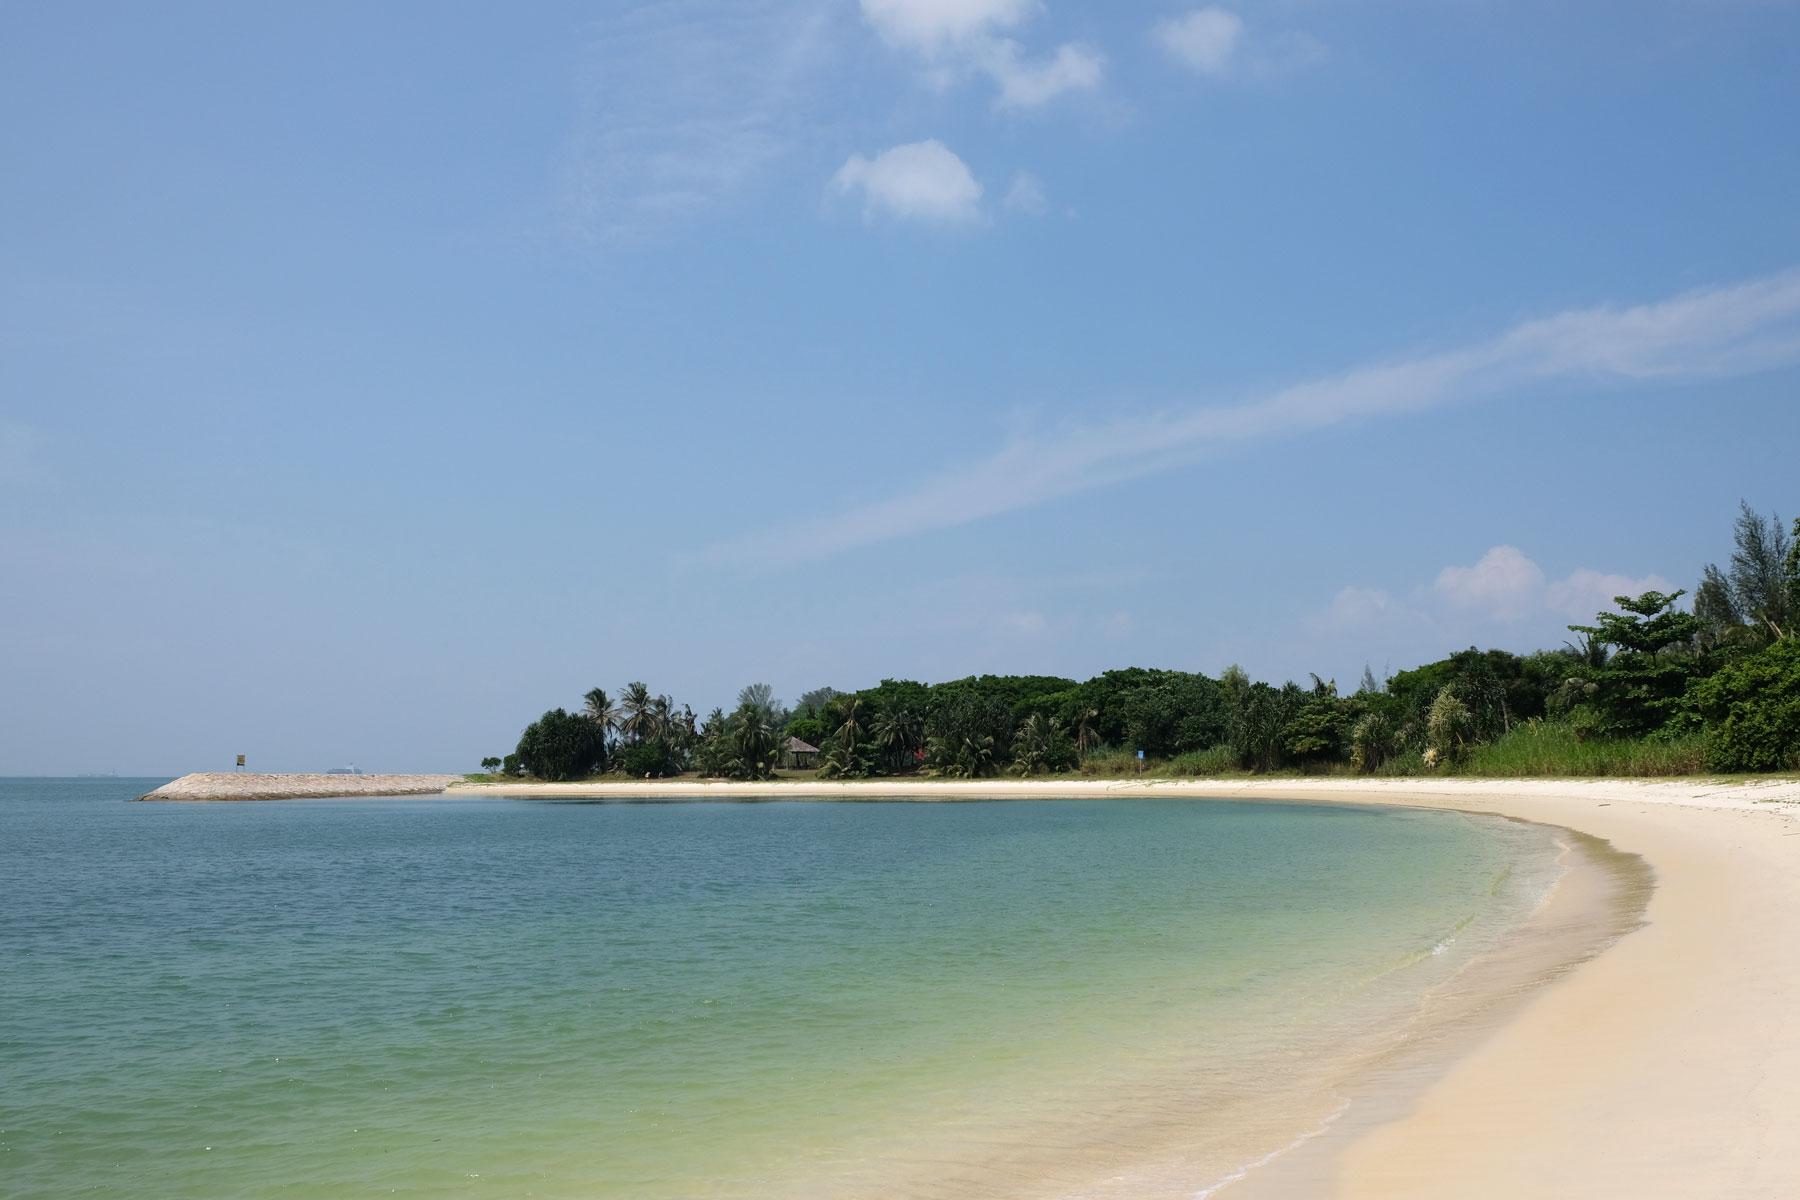 Ein Sandstrand an blau-grünem Wasser